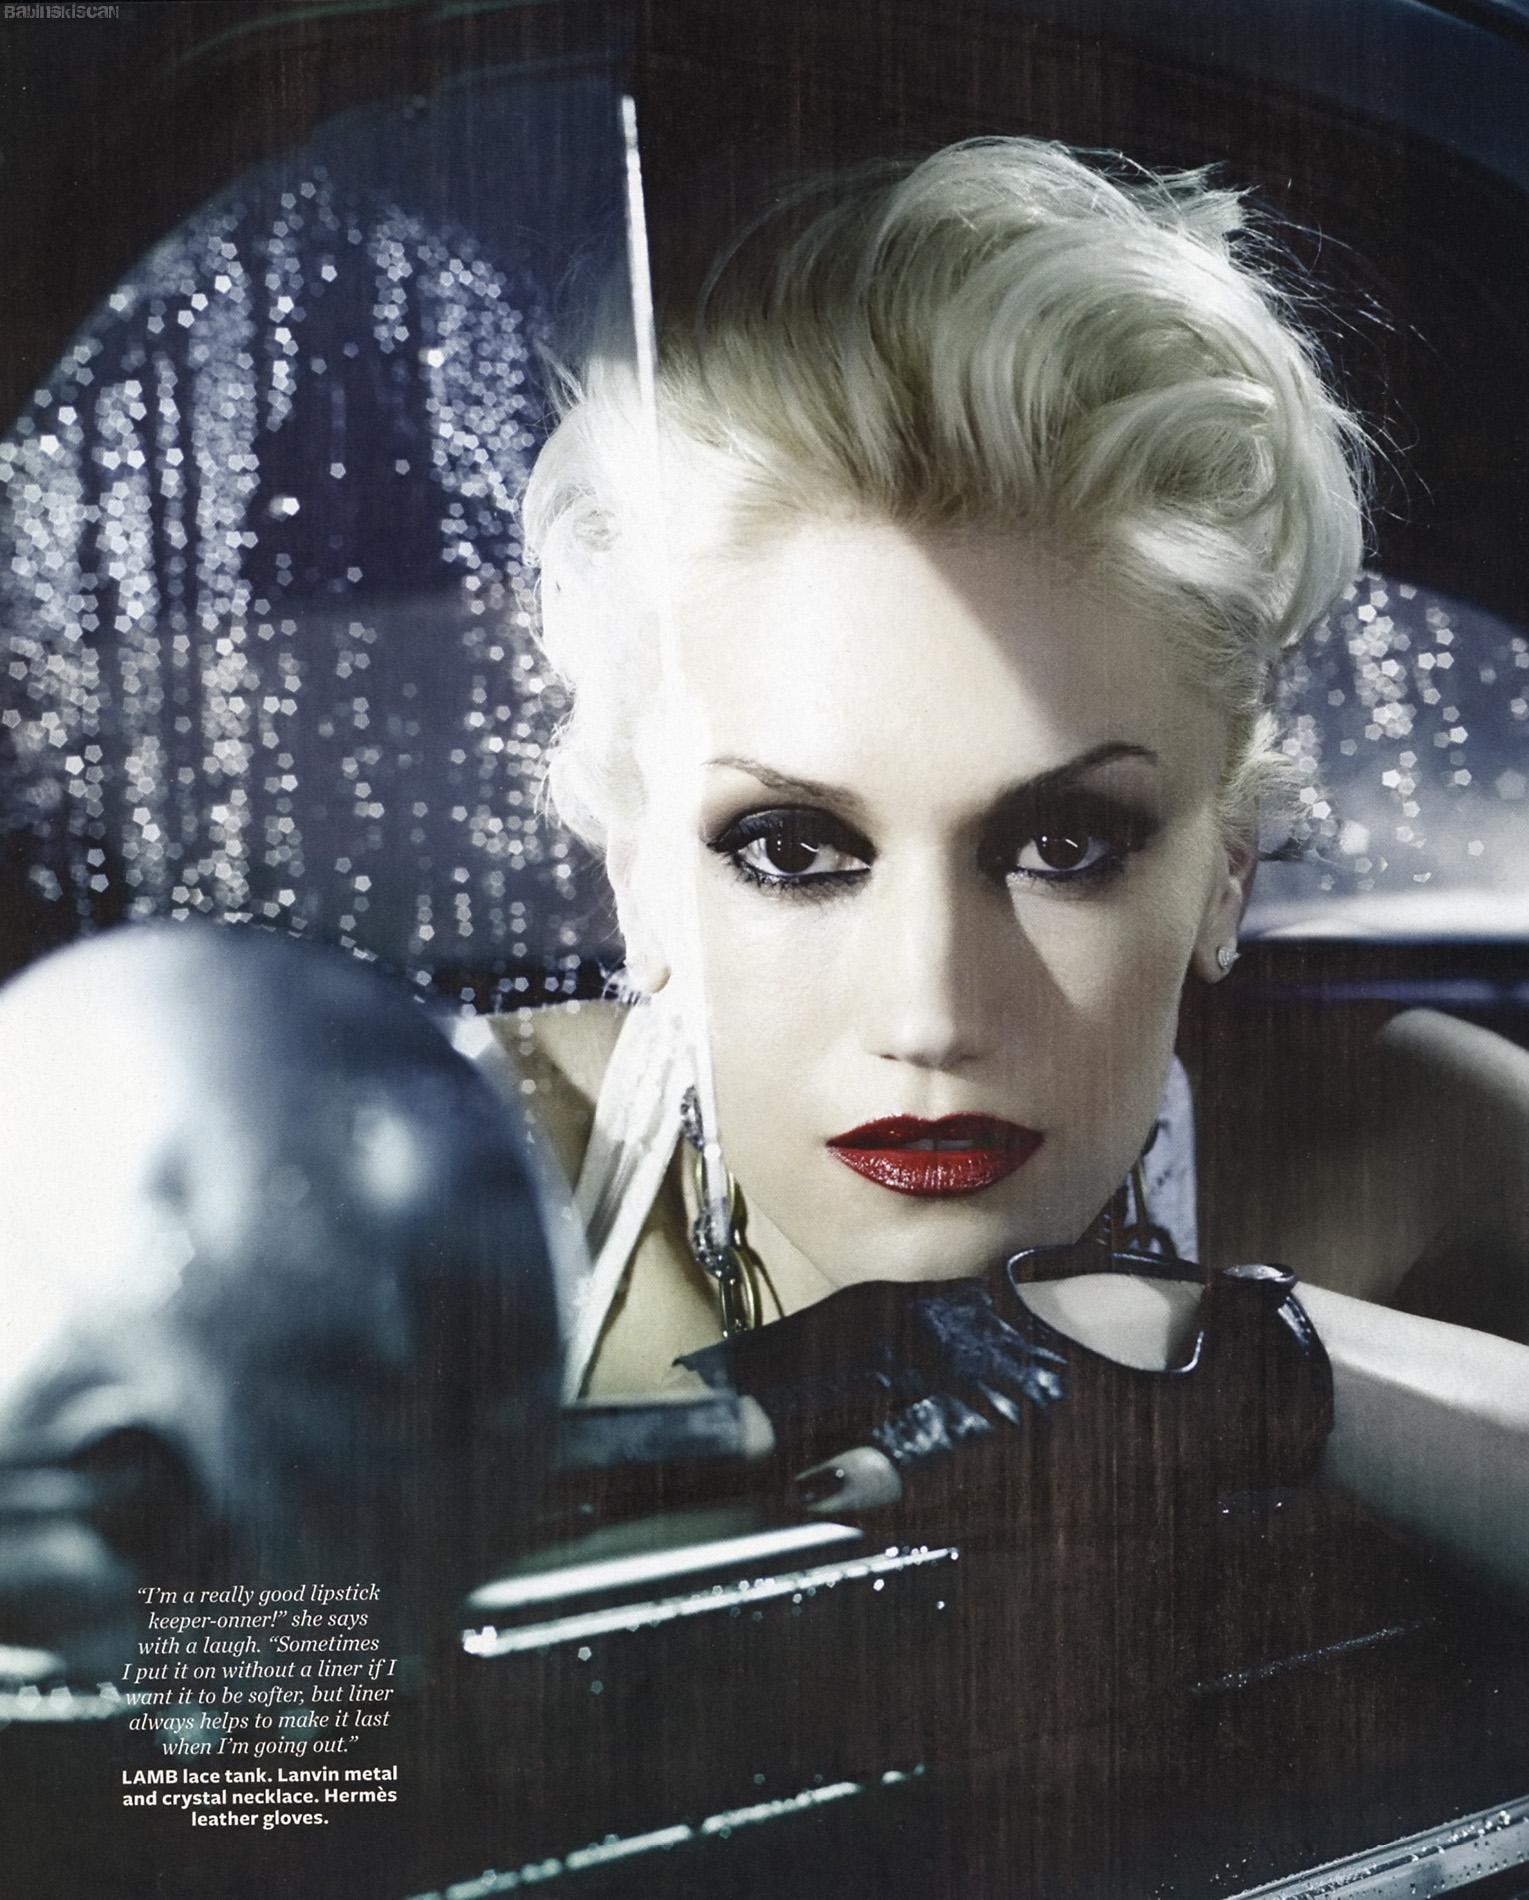 Gwen 1 - Gwen Stefani